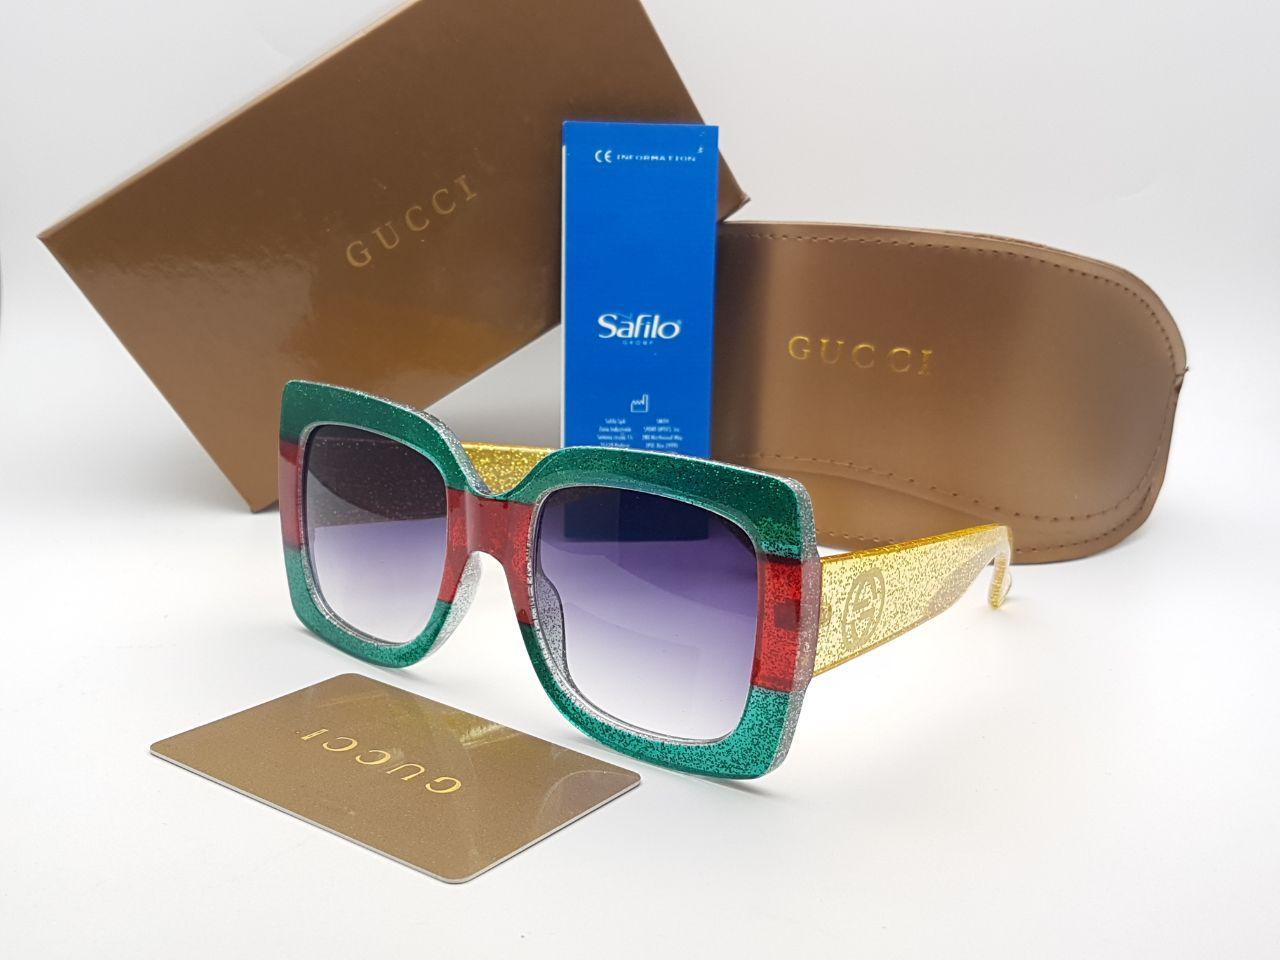 Sunglass Kacamata Gucci Pria Q8369 Super Fullset - Bayar Di Tempat ( COD ) ef4cbbca63